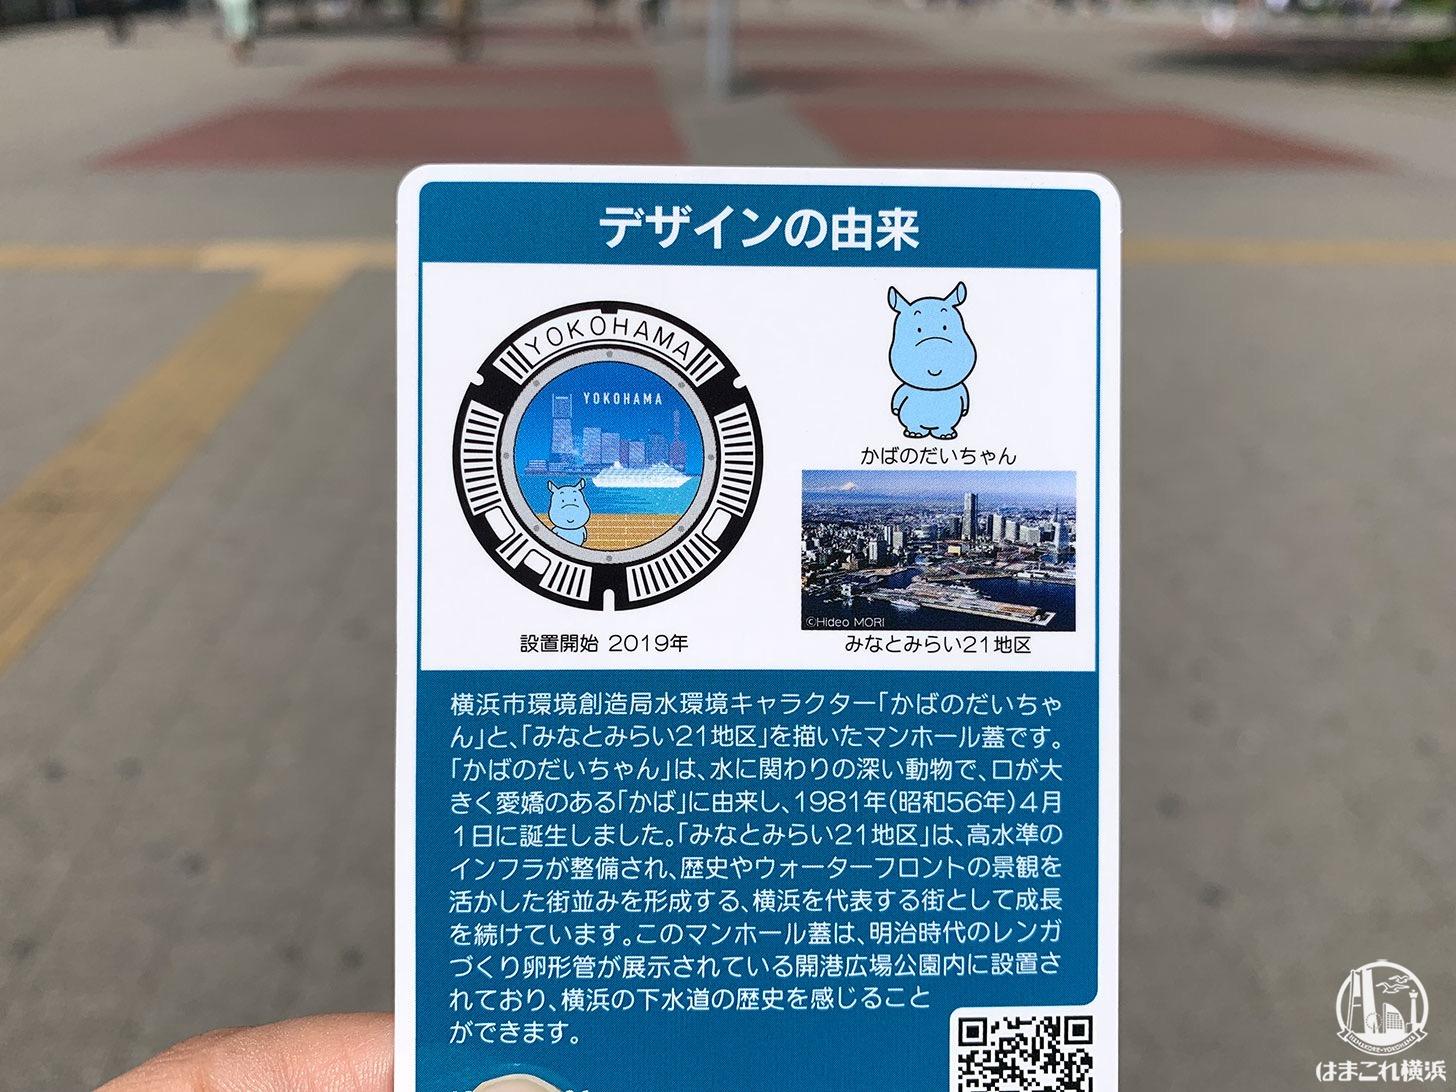 横浜市マンホールカードデザインの由来